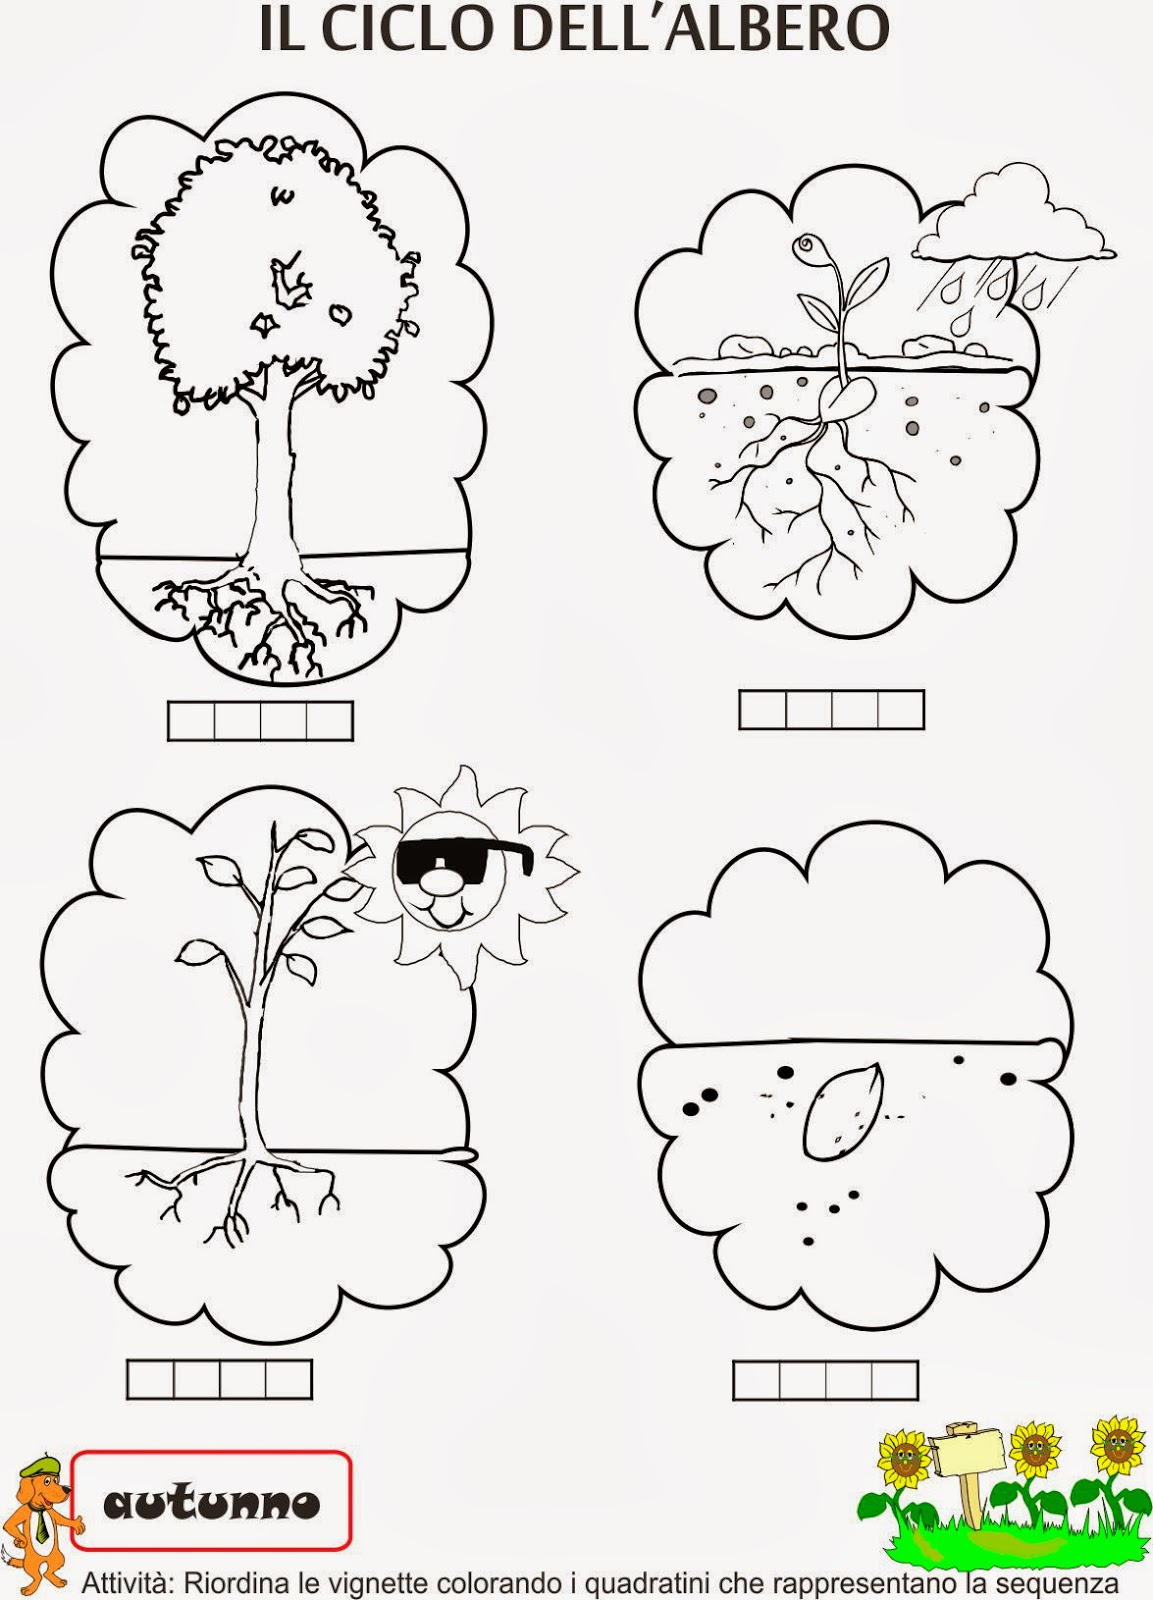 Immagini In Sequenza Per Bambini Xr55 Regardsdefemmes